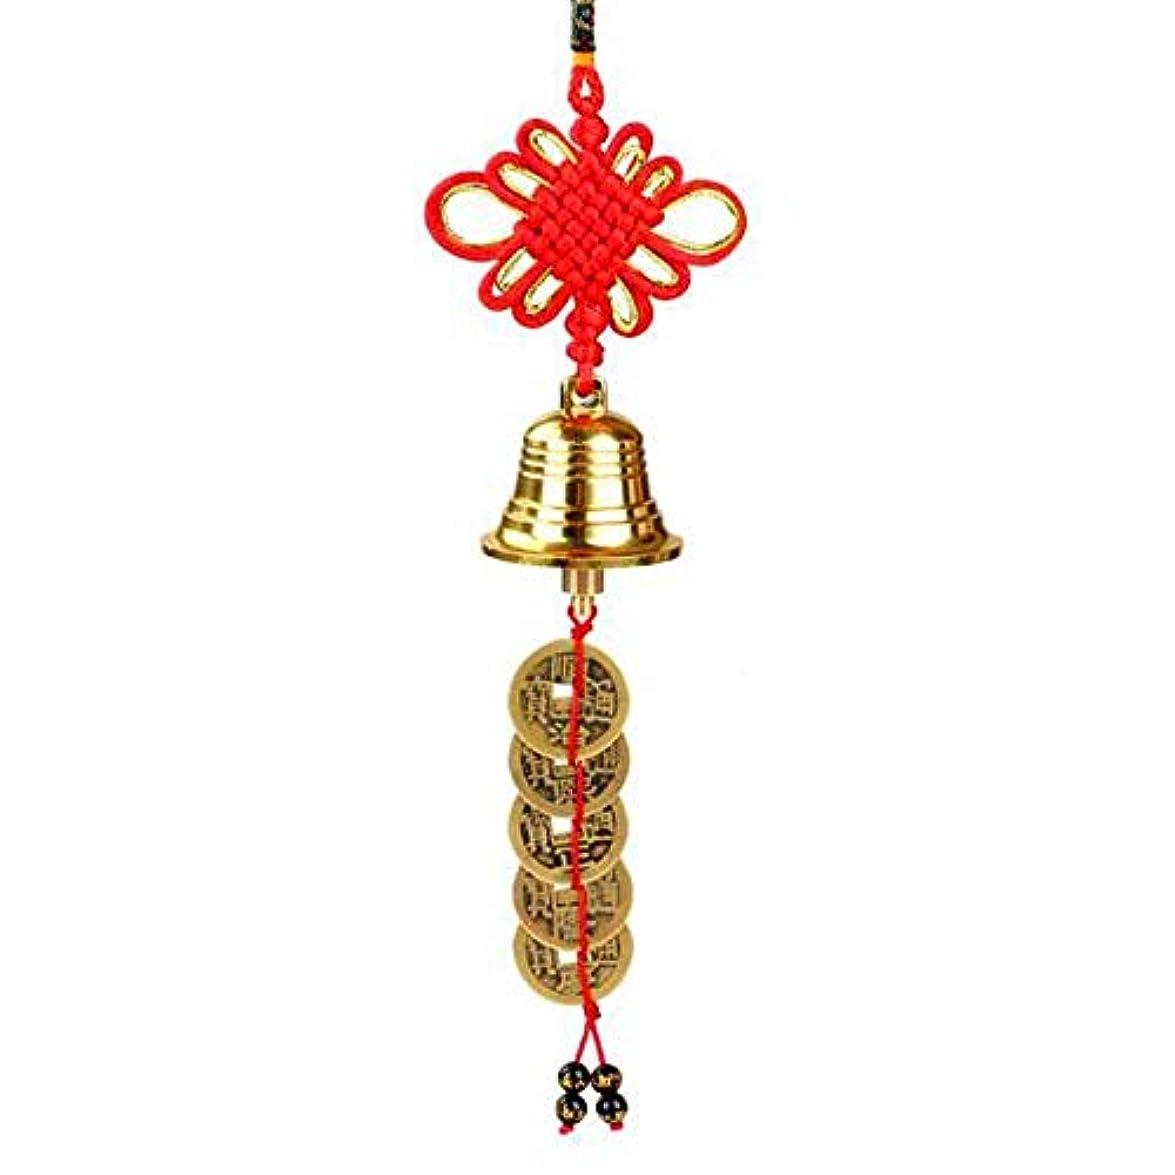 プレート無数の欲望Fengshangshanghang 風チャイム、中国のノット銅ベルホームデコレーション、ゴールド、サイズ28センチメートル,家の装飾 (Size : 28*3.8cm)